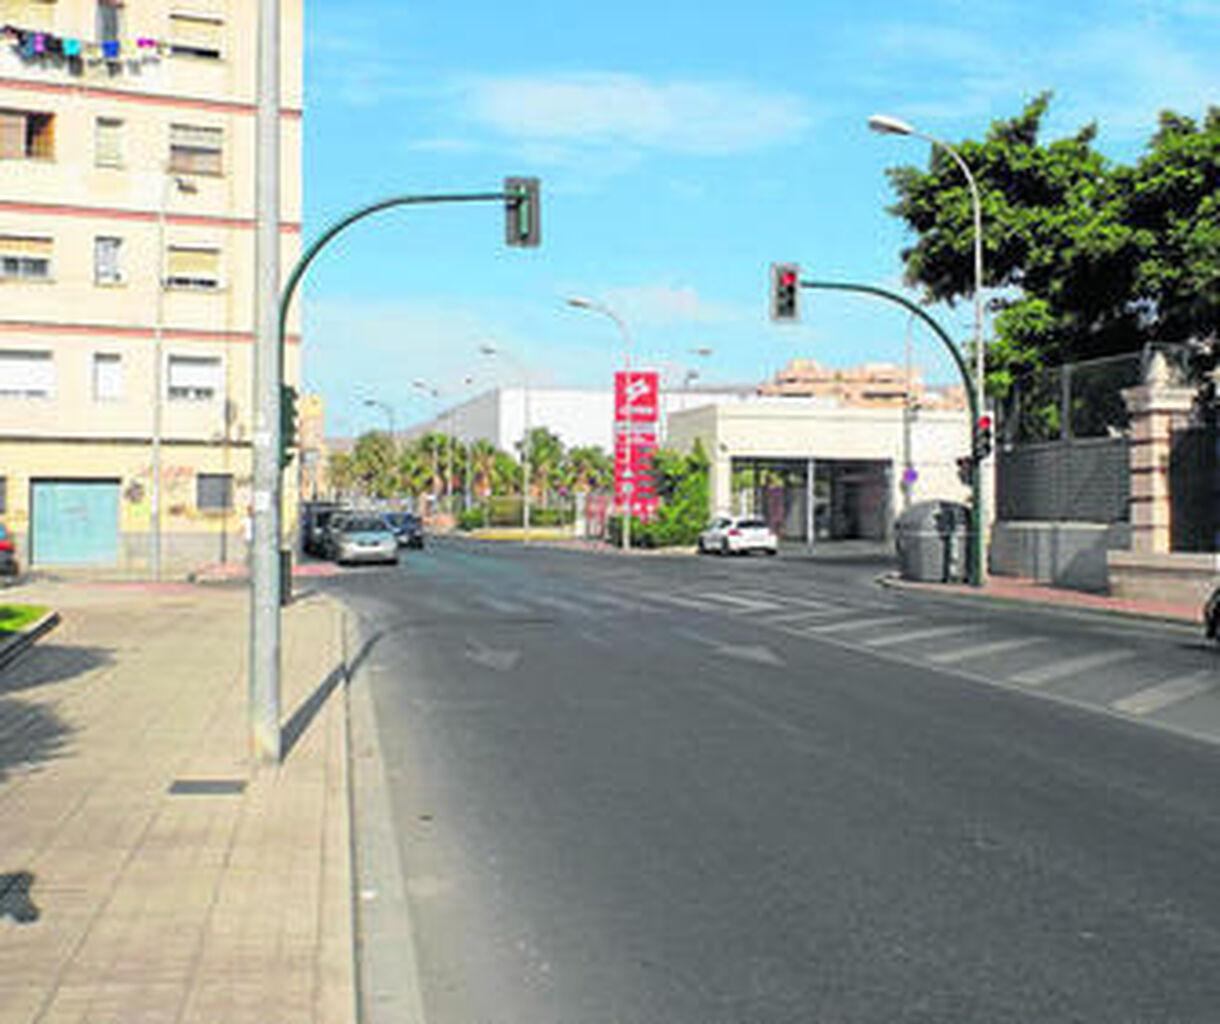 Cajamar calle recogidas